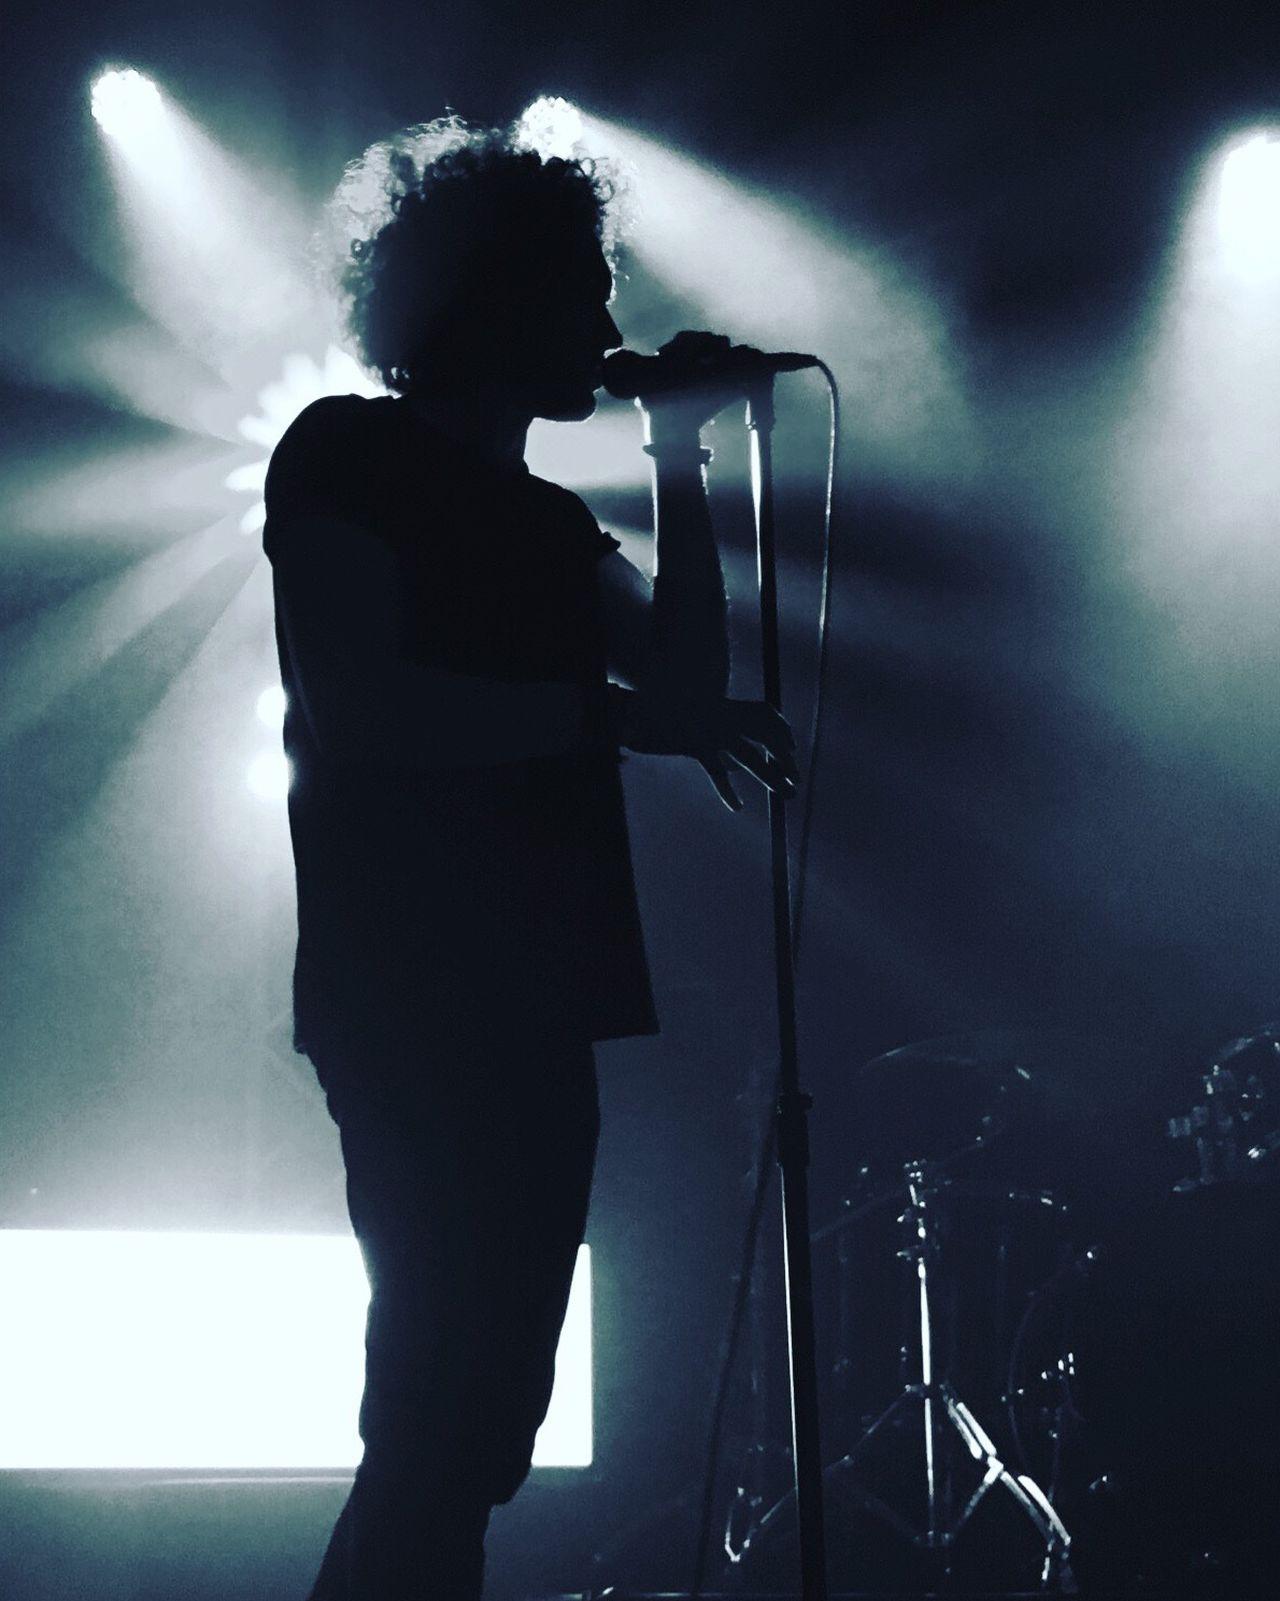 Seafret performing at the European Broadcasting Showcase Festival, Eurosonic Noorderslag 2016 in Groningen. Check This Out Music Festival Seafretband Eurosonic Groningen